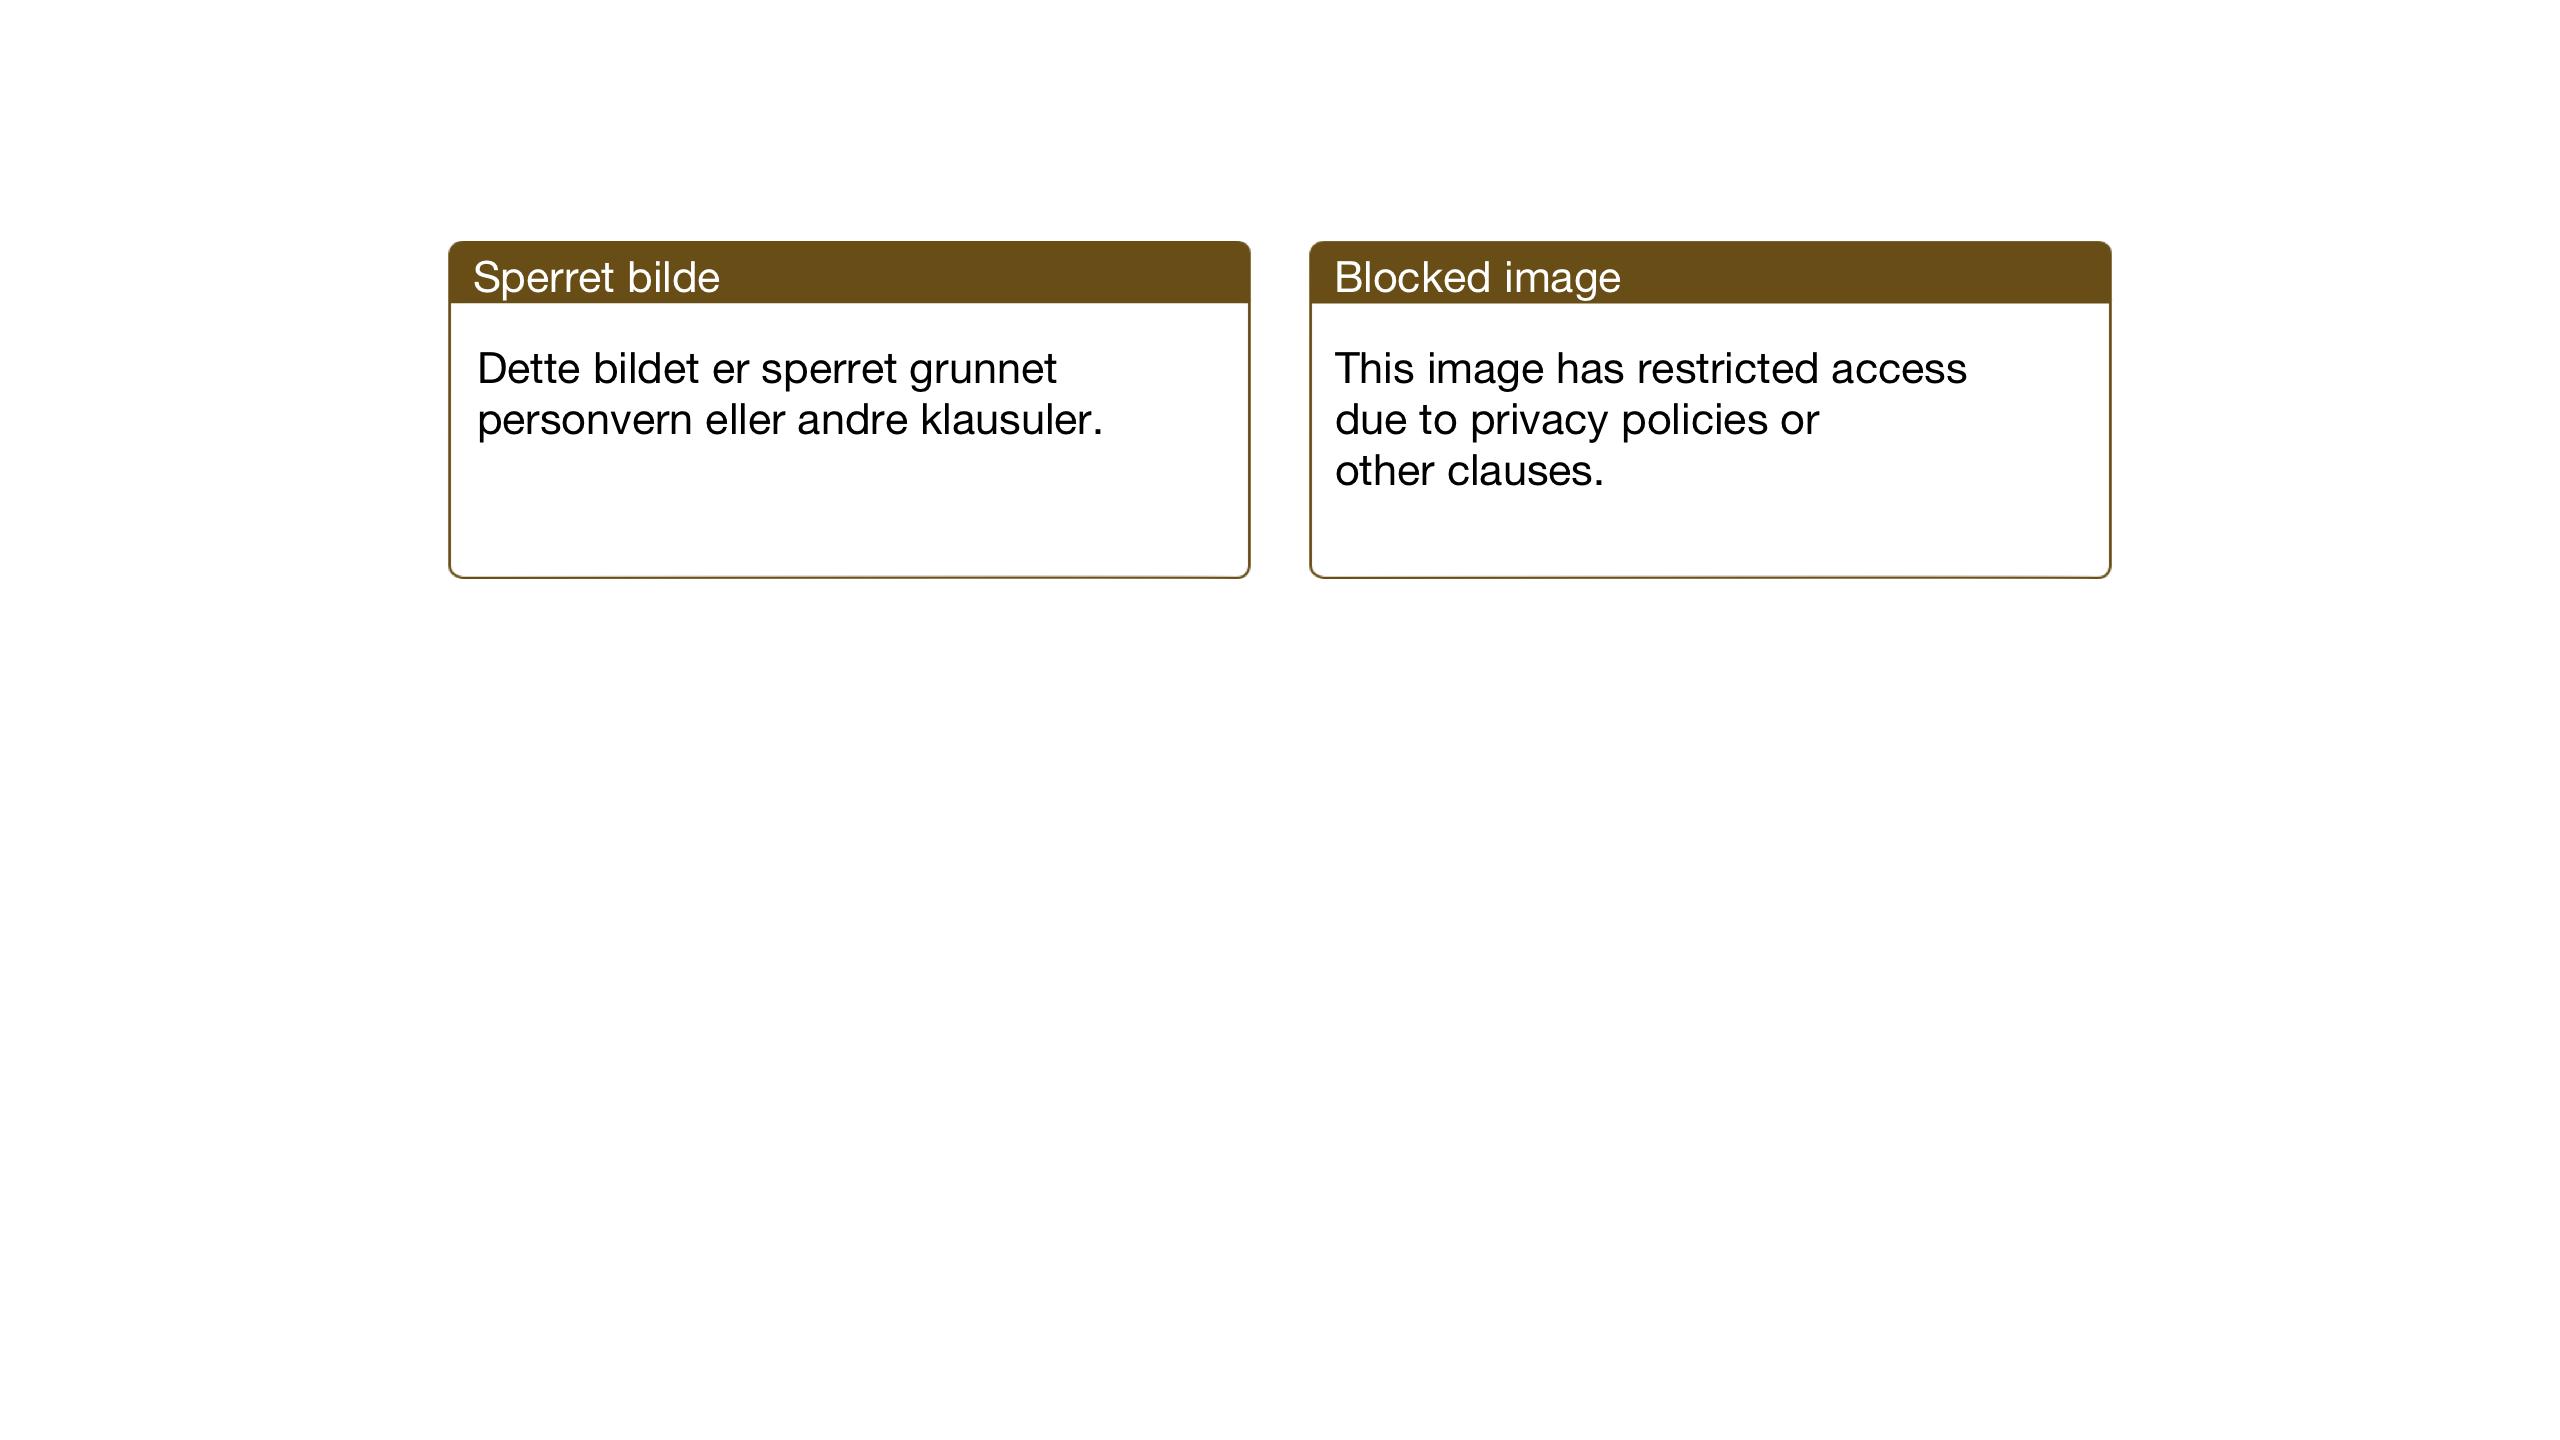 SAT, Ministerialprotokoller, klokkerbøker og fødselsregistre - Nord-Trøndelag, 789/L0706: Klokkerbok nr. 789C01, 1888-1931, s. 102